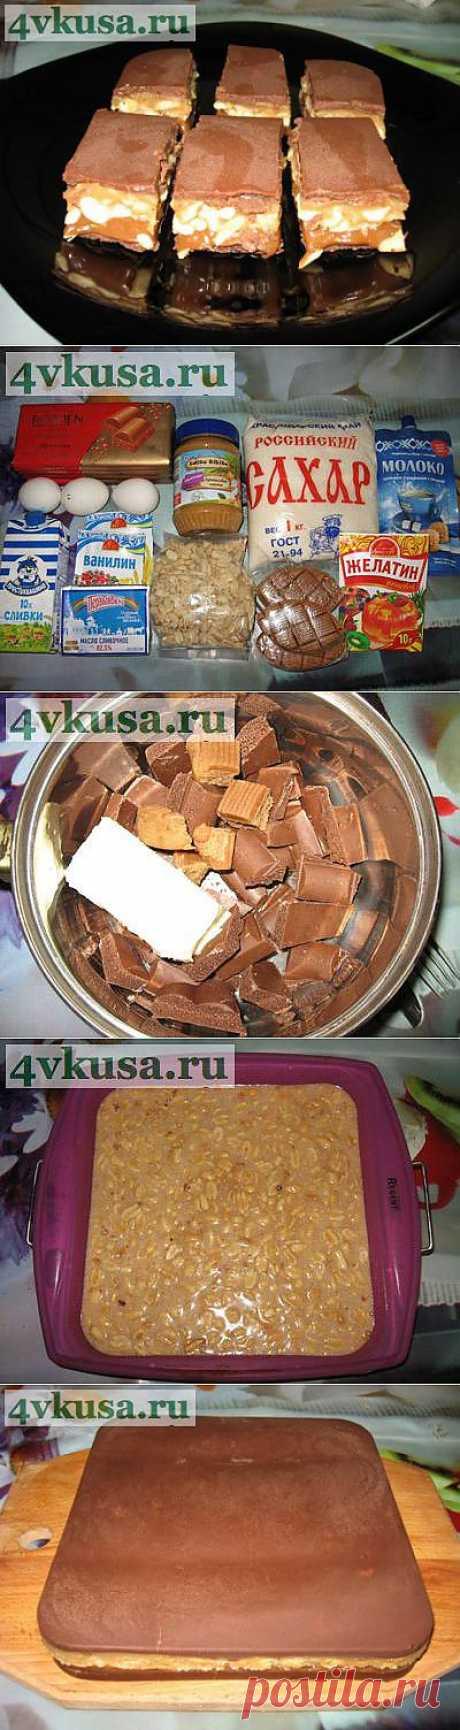 Los bombones (chocolatín) el Snikers De casa. La fotoreceta.   4vkusa.ru